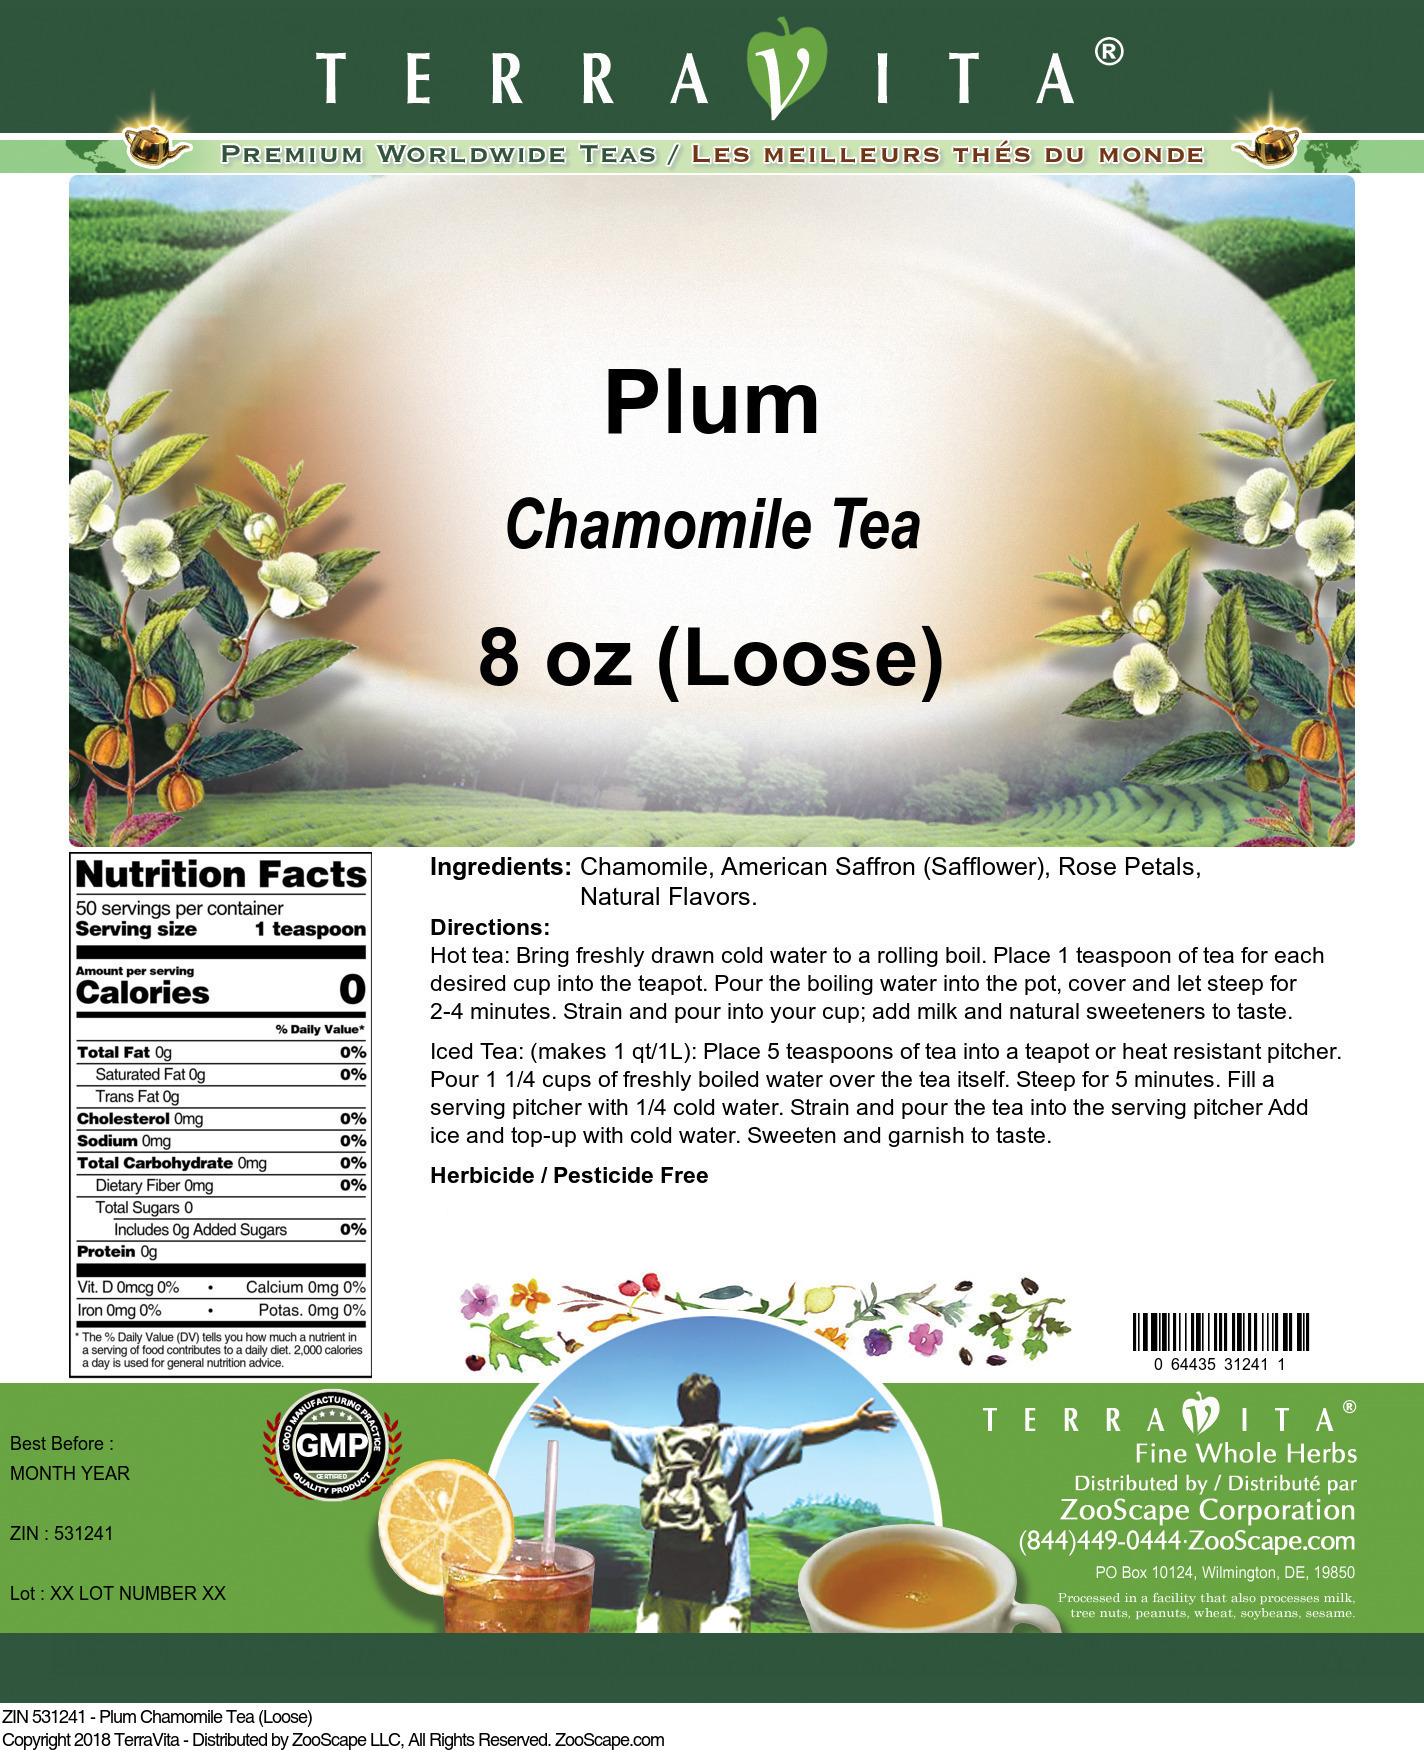 Plum Chamomile Tea